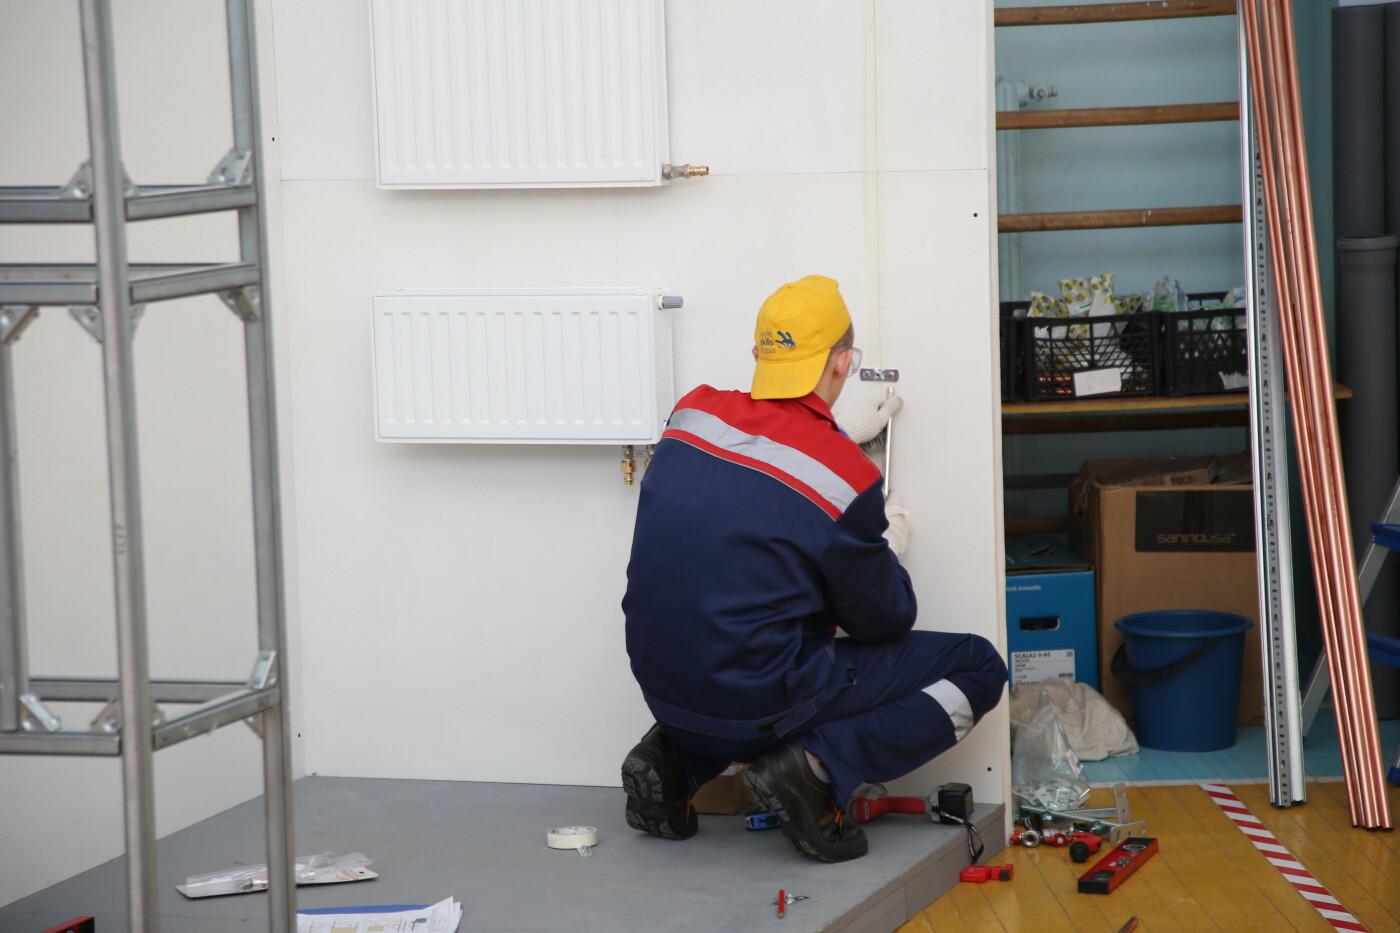 Лучшего мастера по отоплению и сантехнике выберут в Новошахтинске , фото-4